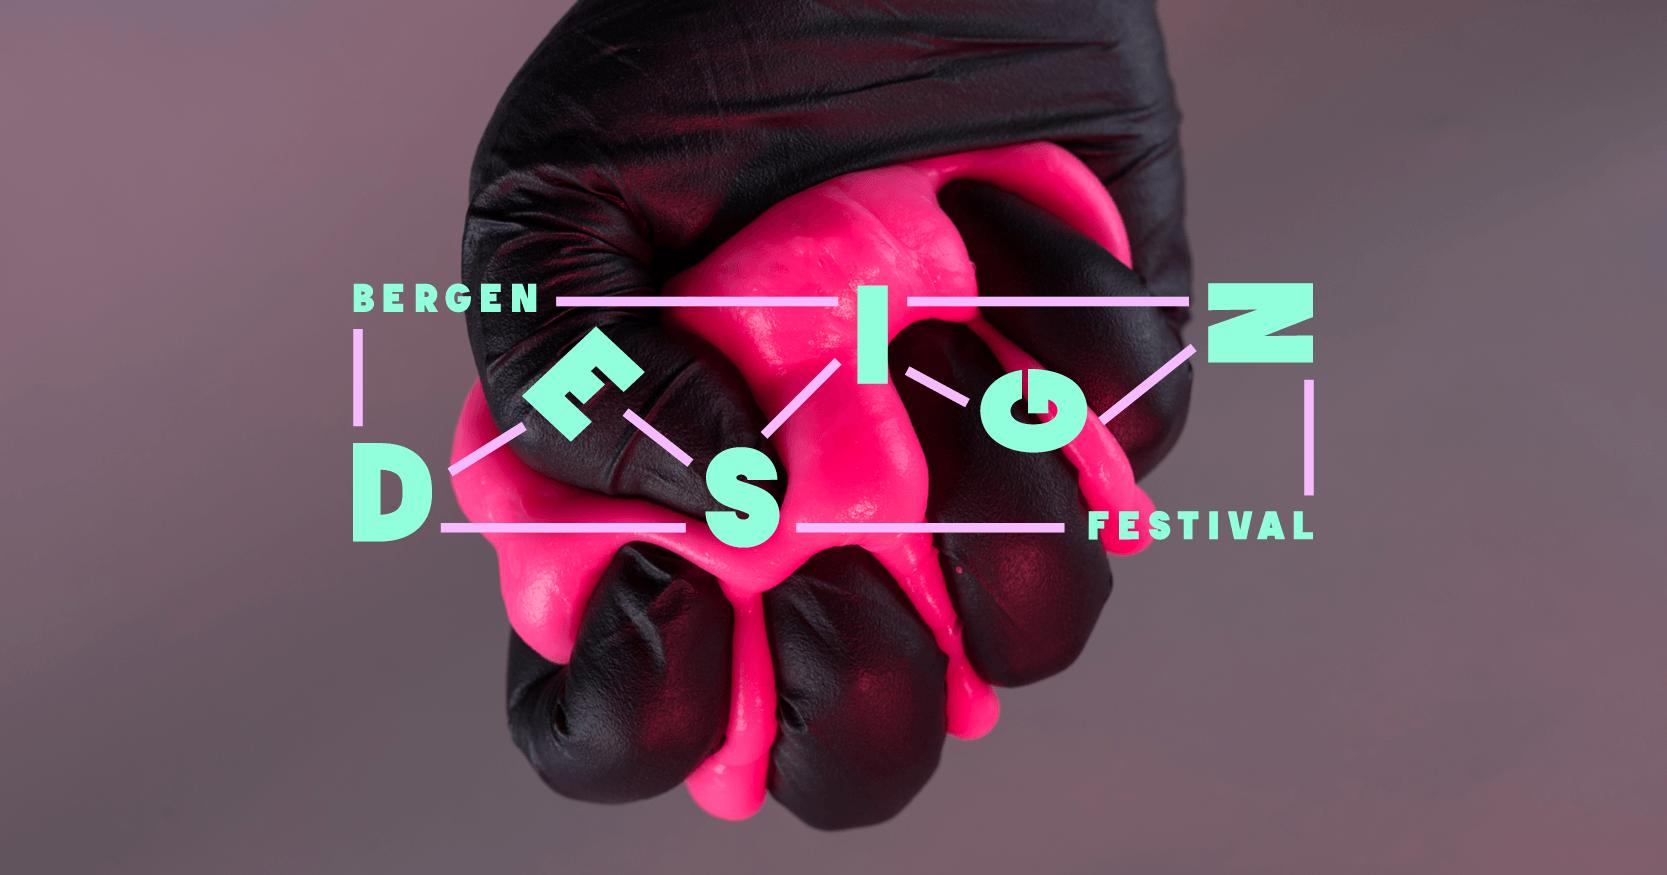 bdf-festival-event2.png